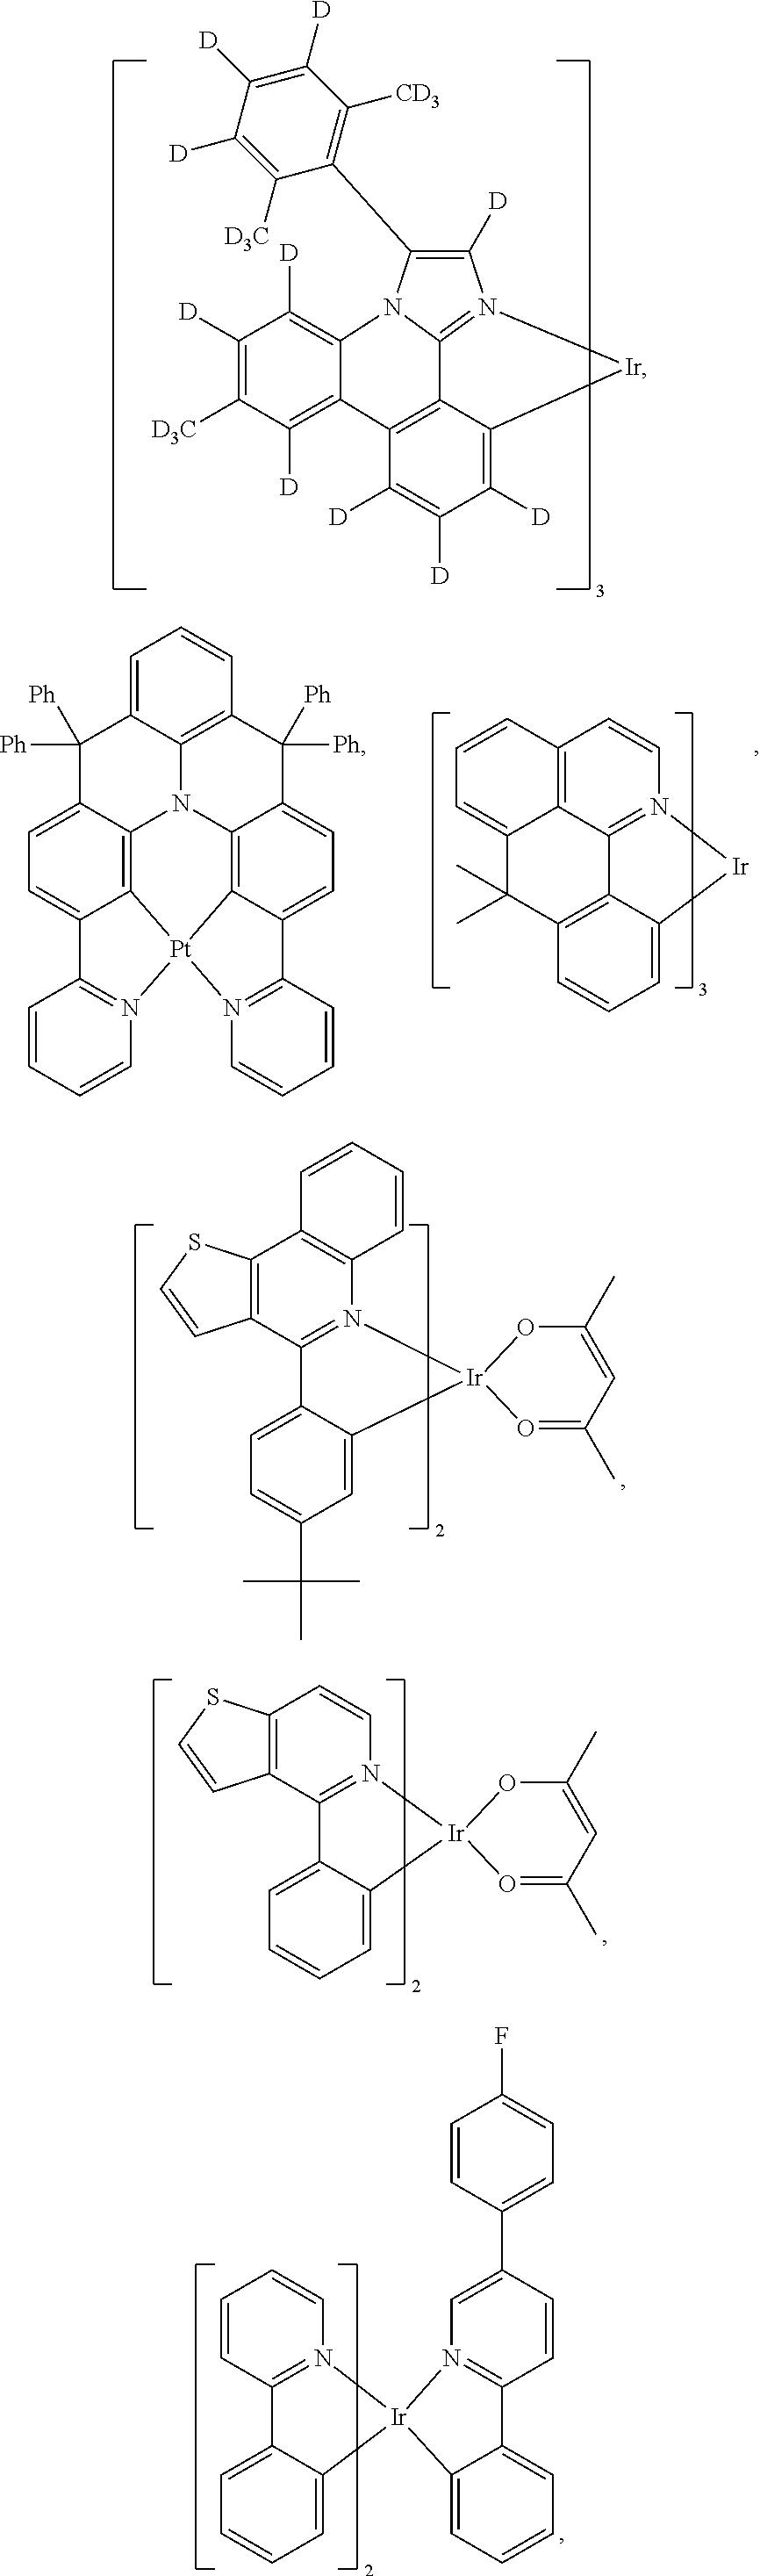 Figure US09929360-20180327-C00165